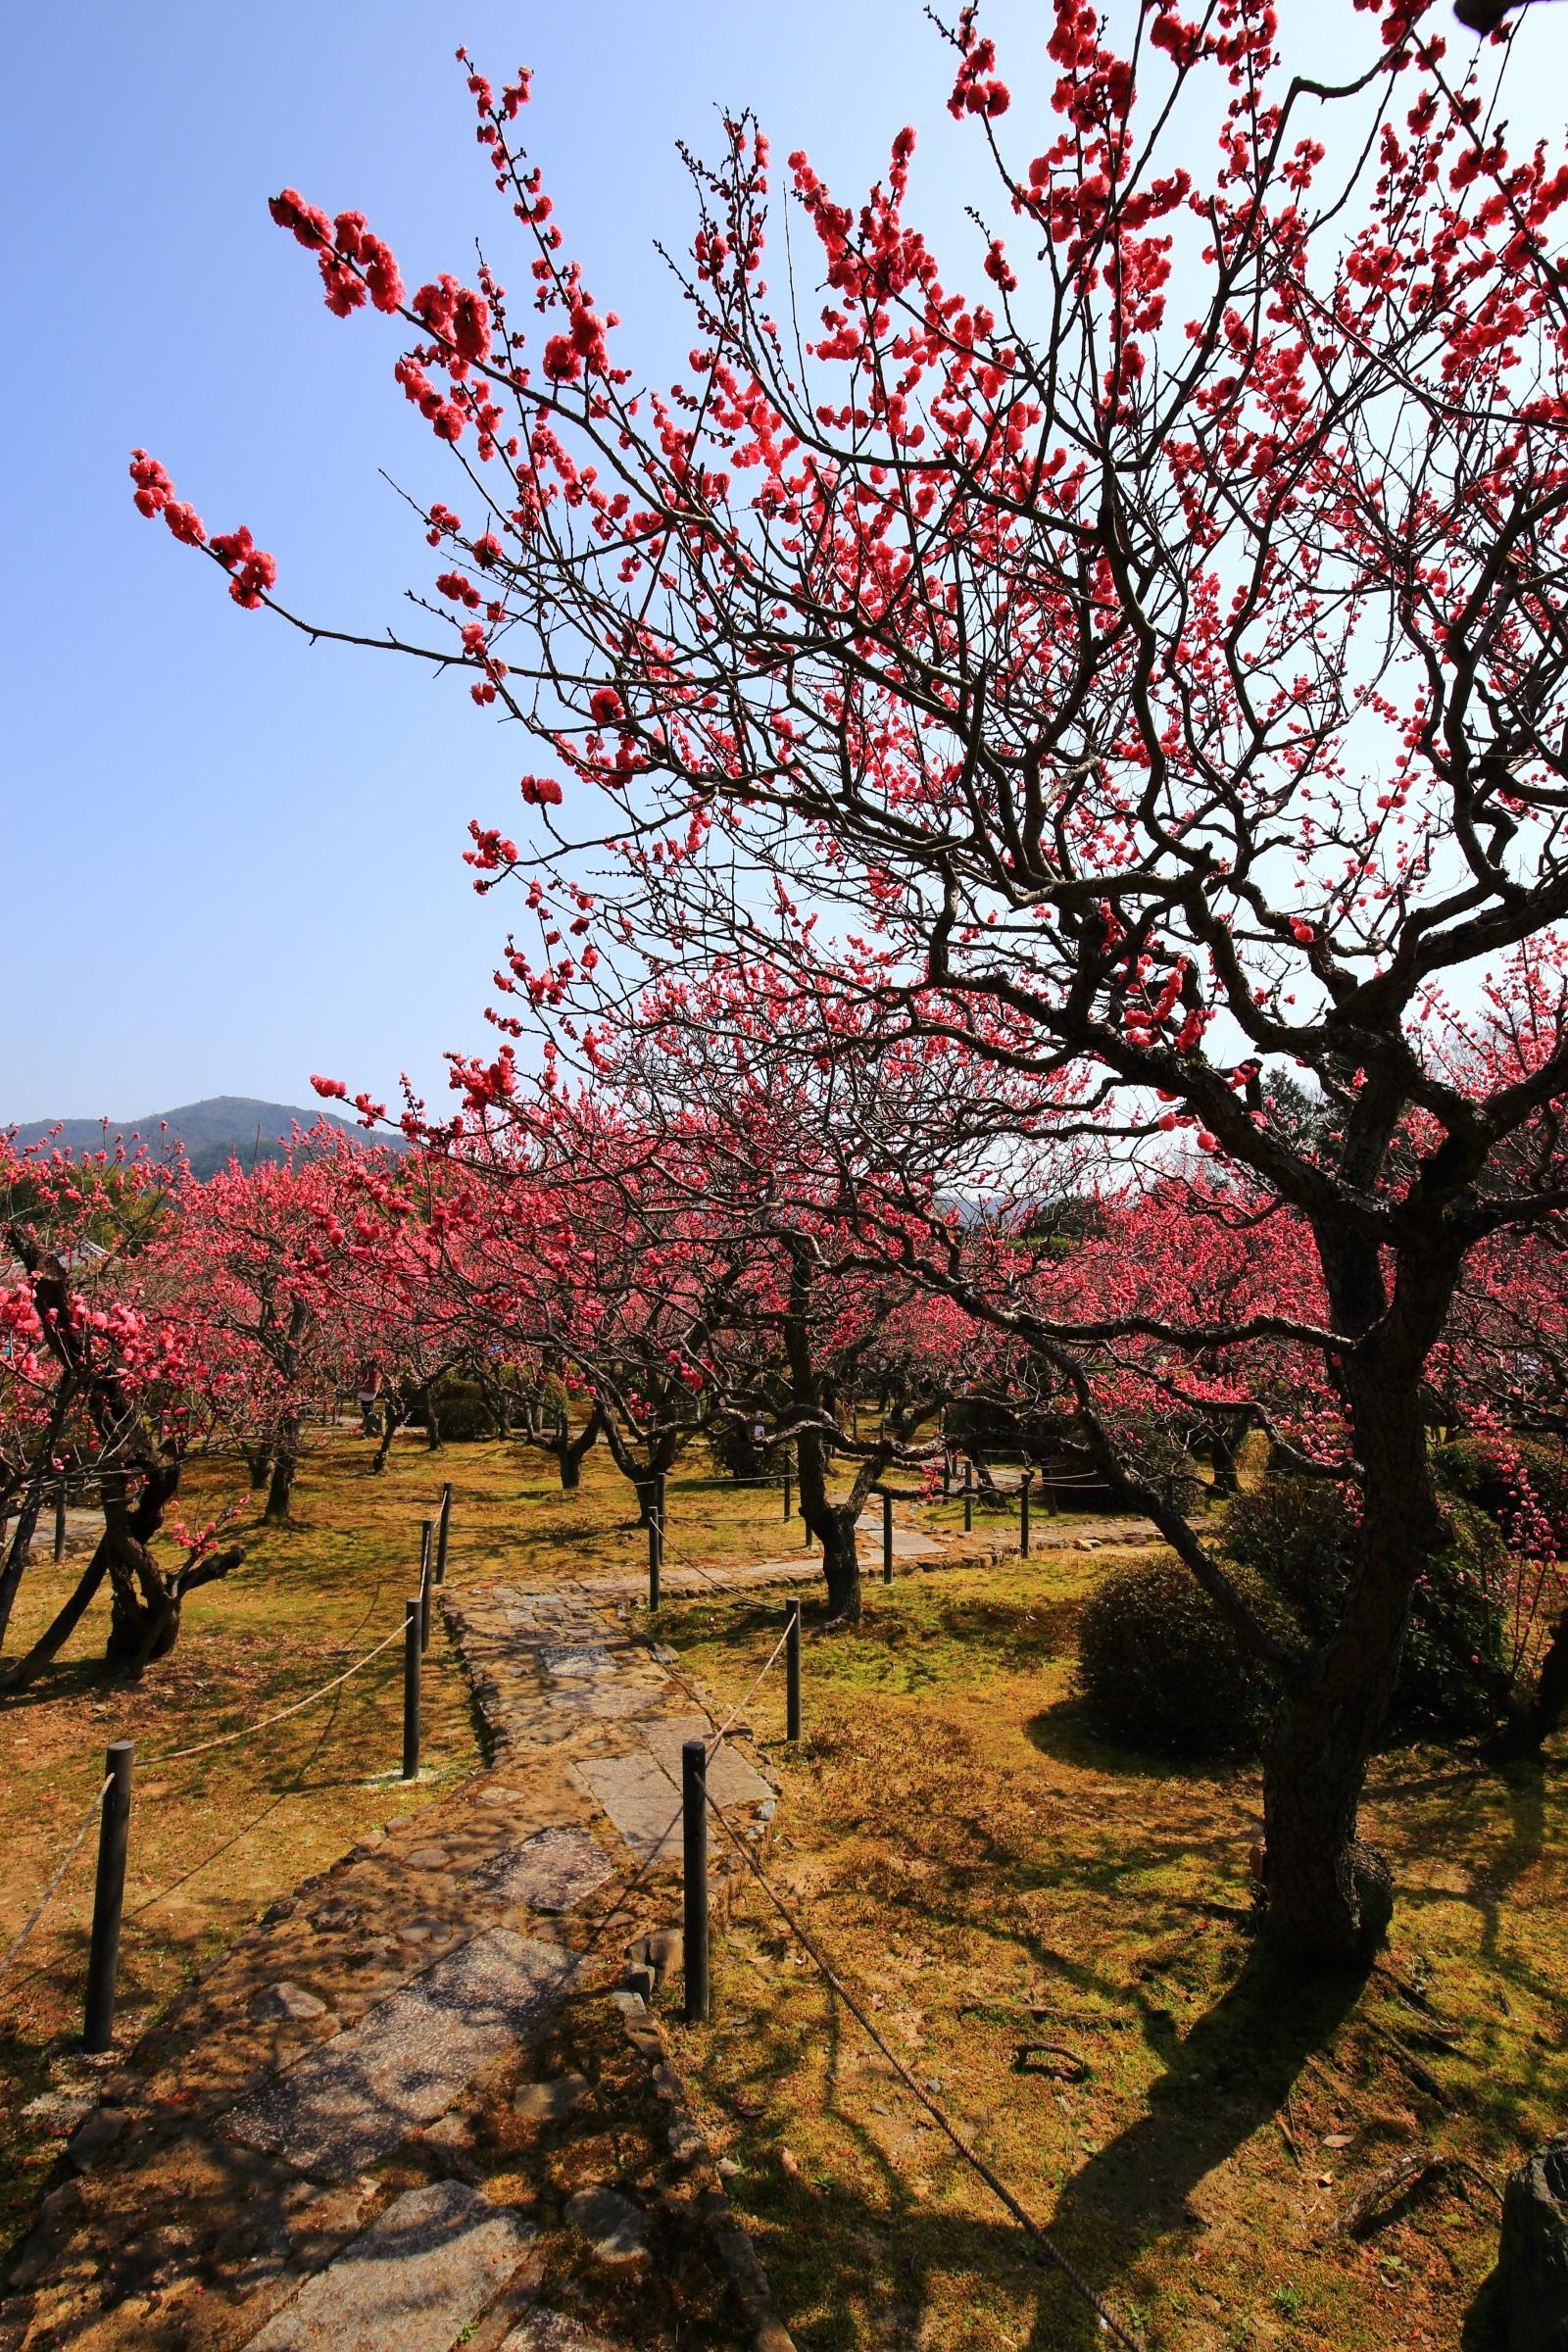 上も下も鮮やかな梅の花につつまれる随心院